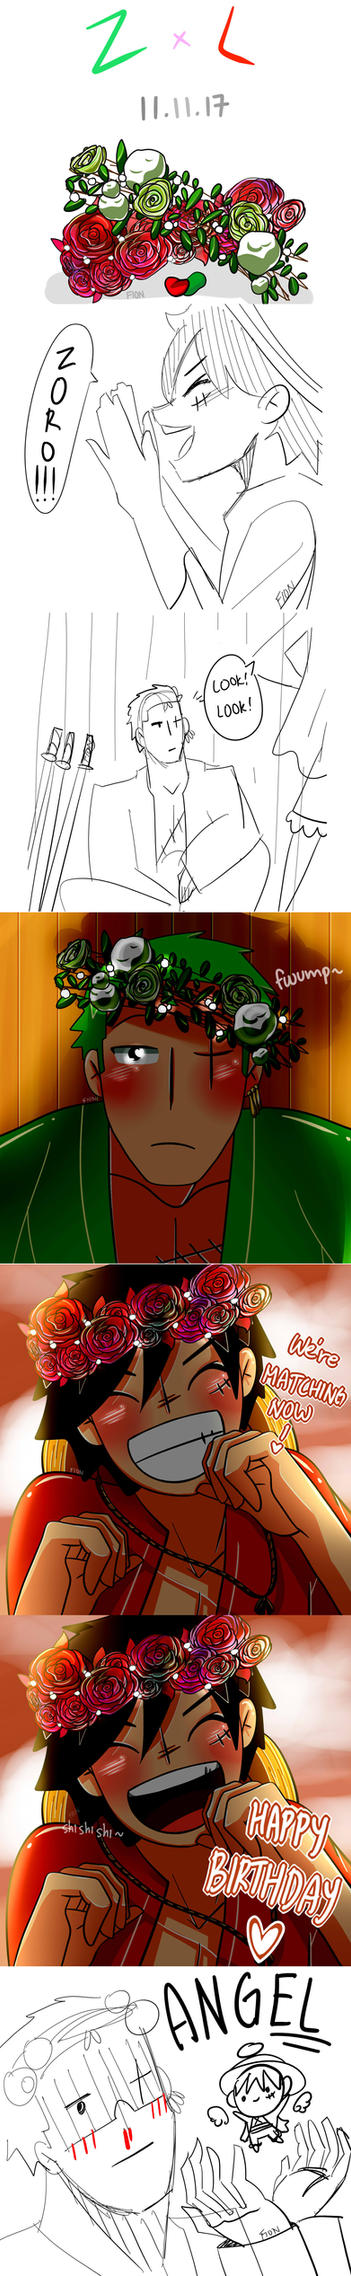 Happy Birthday Zoro! by sakuraxls2